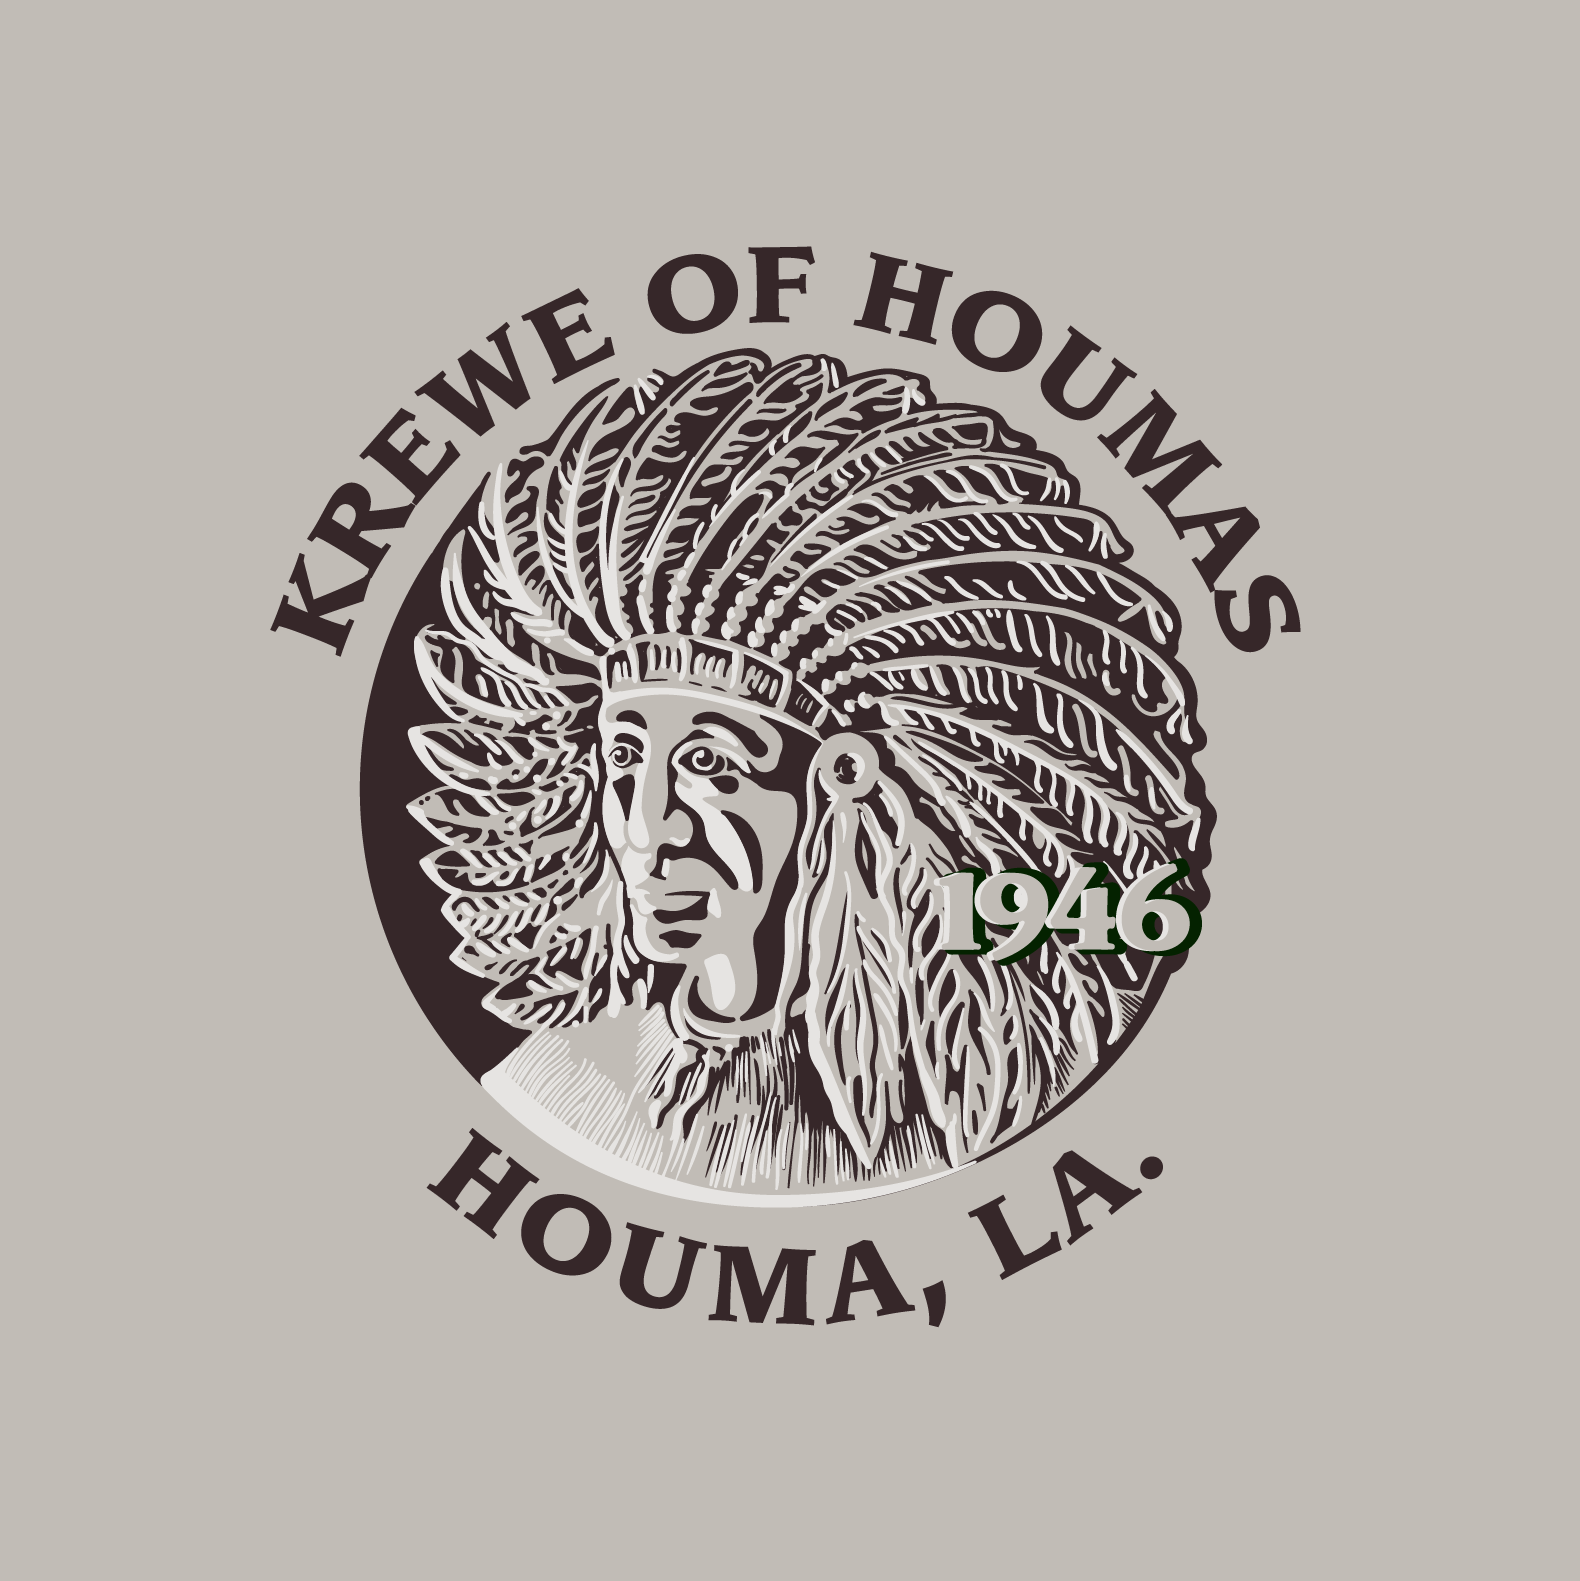 Krewe of Houmas Logo Rework